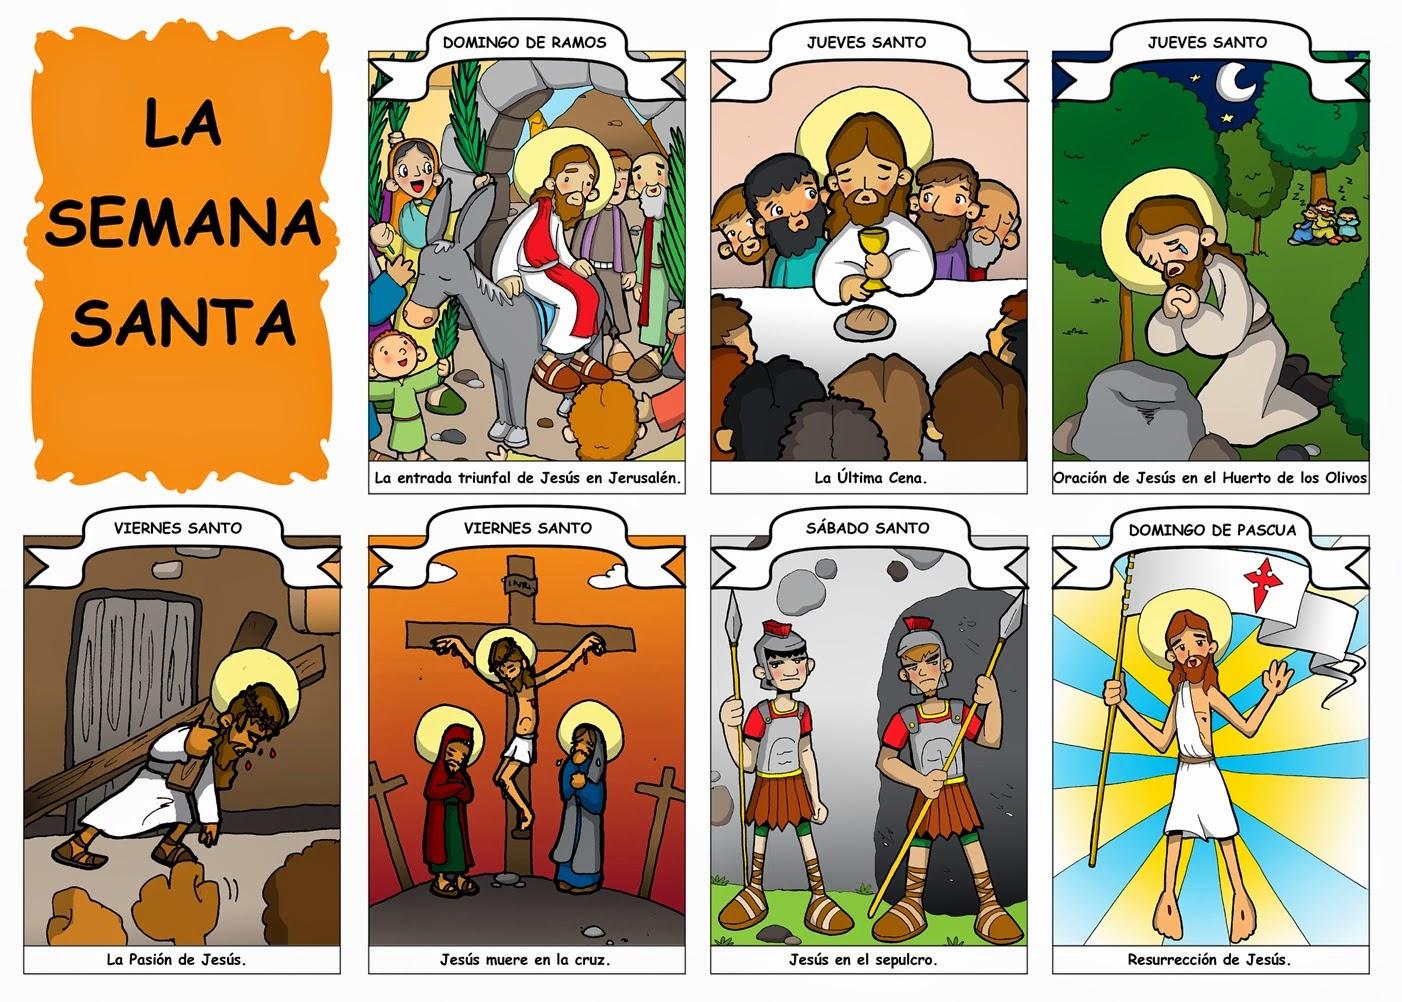 Matrimonio Catolico Resumen : Educar con jesús semana santa en pasos